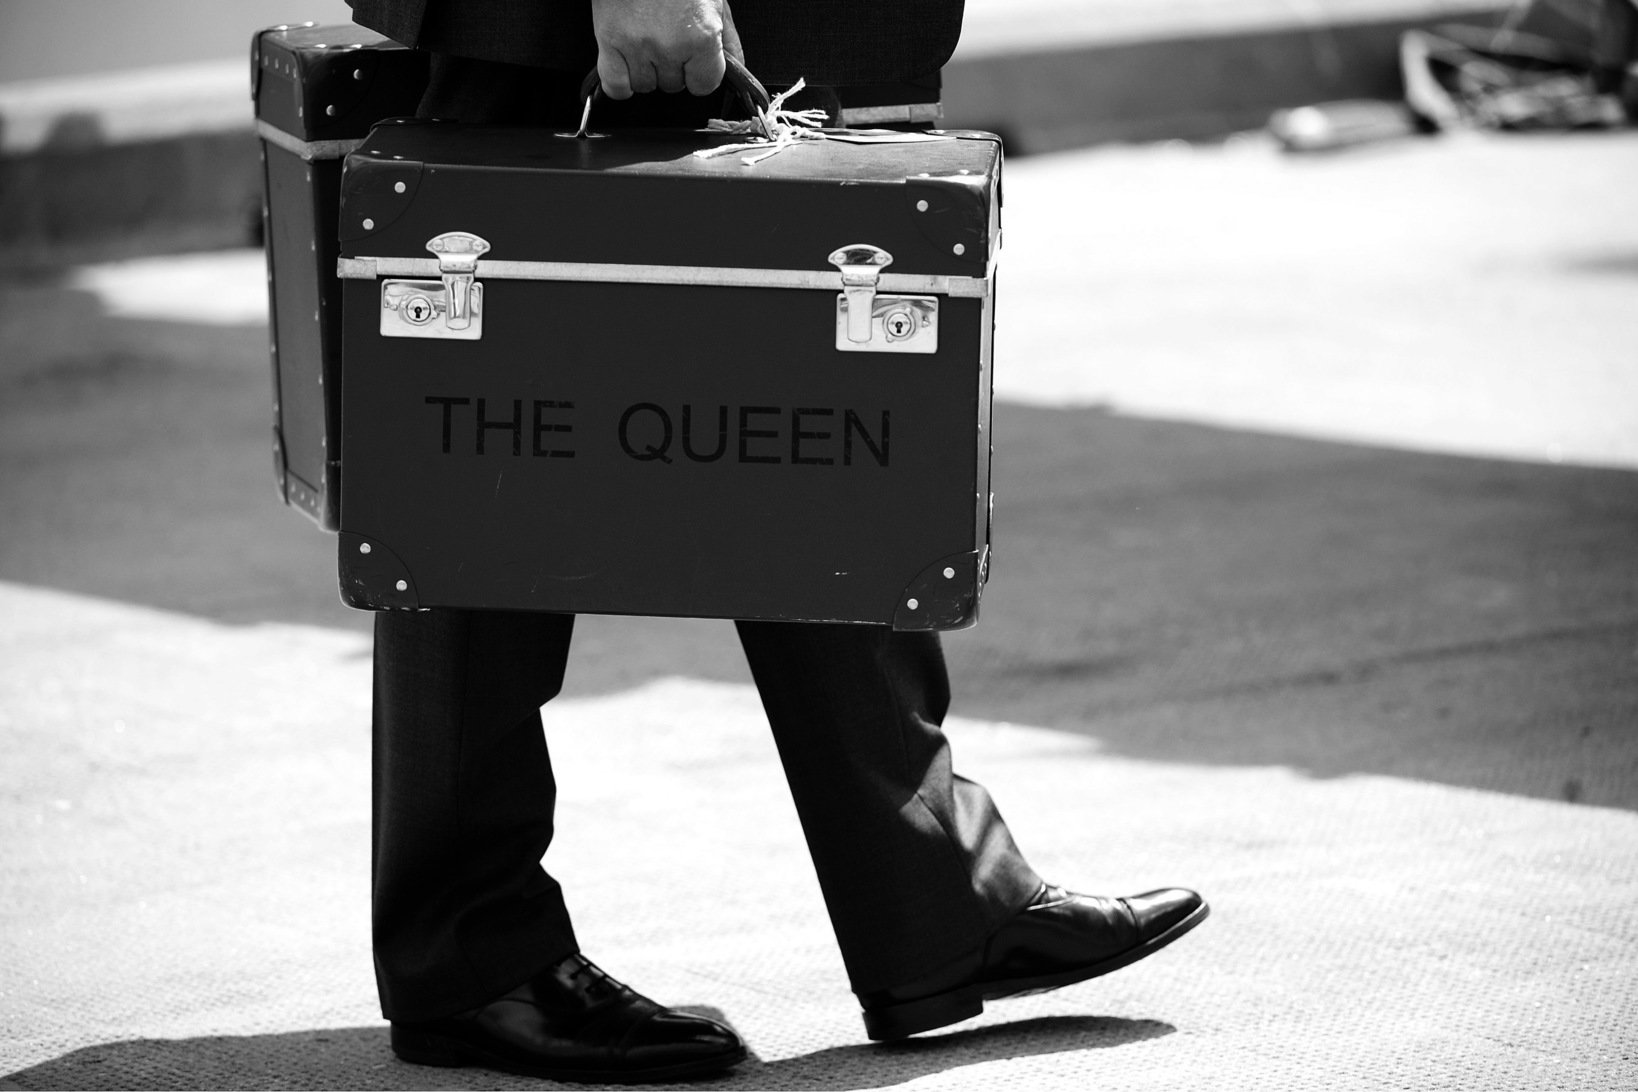 エリザベス女王のハットケース「THE QUEEN」